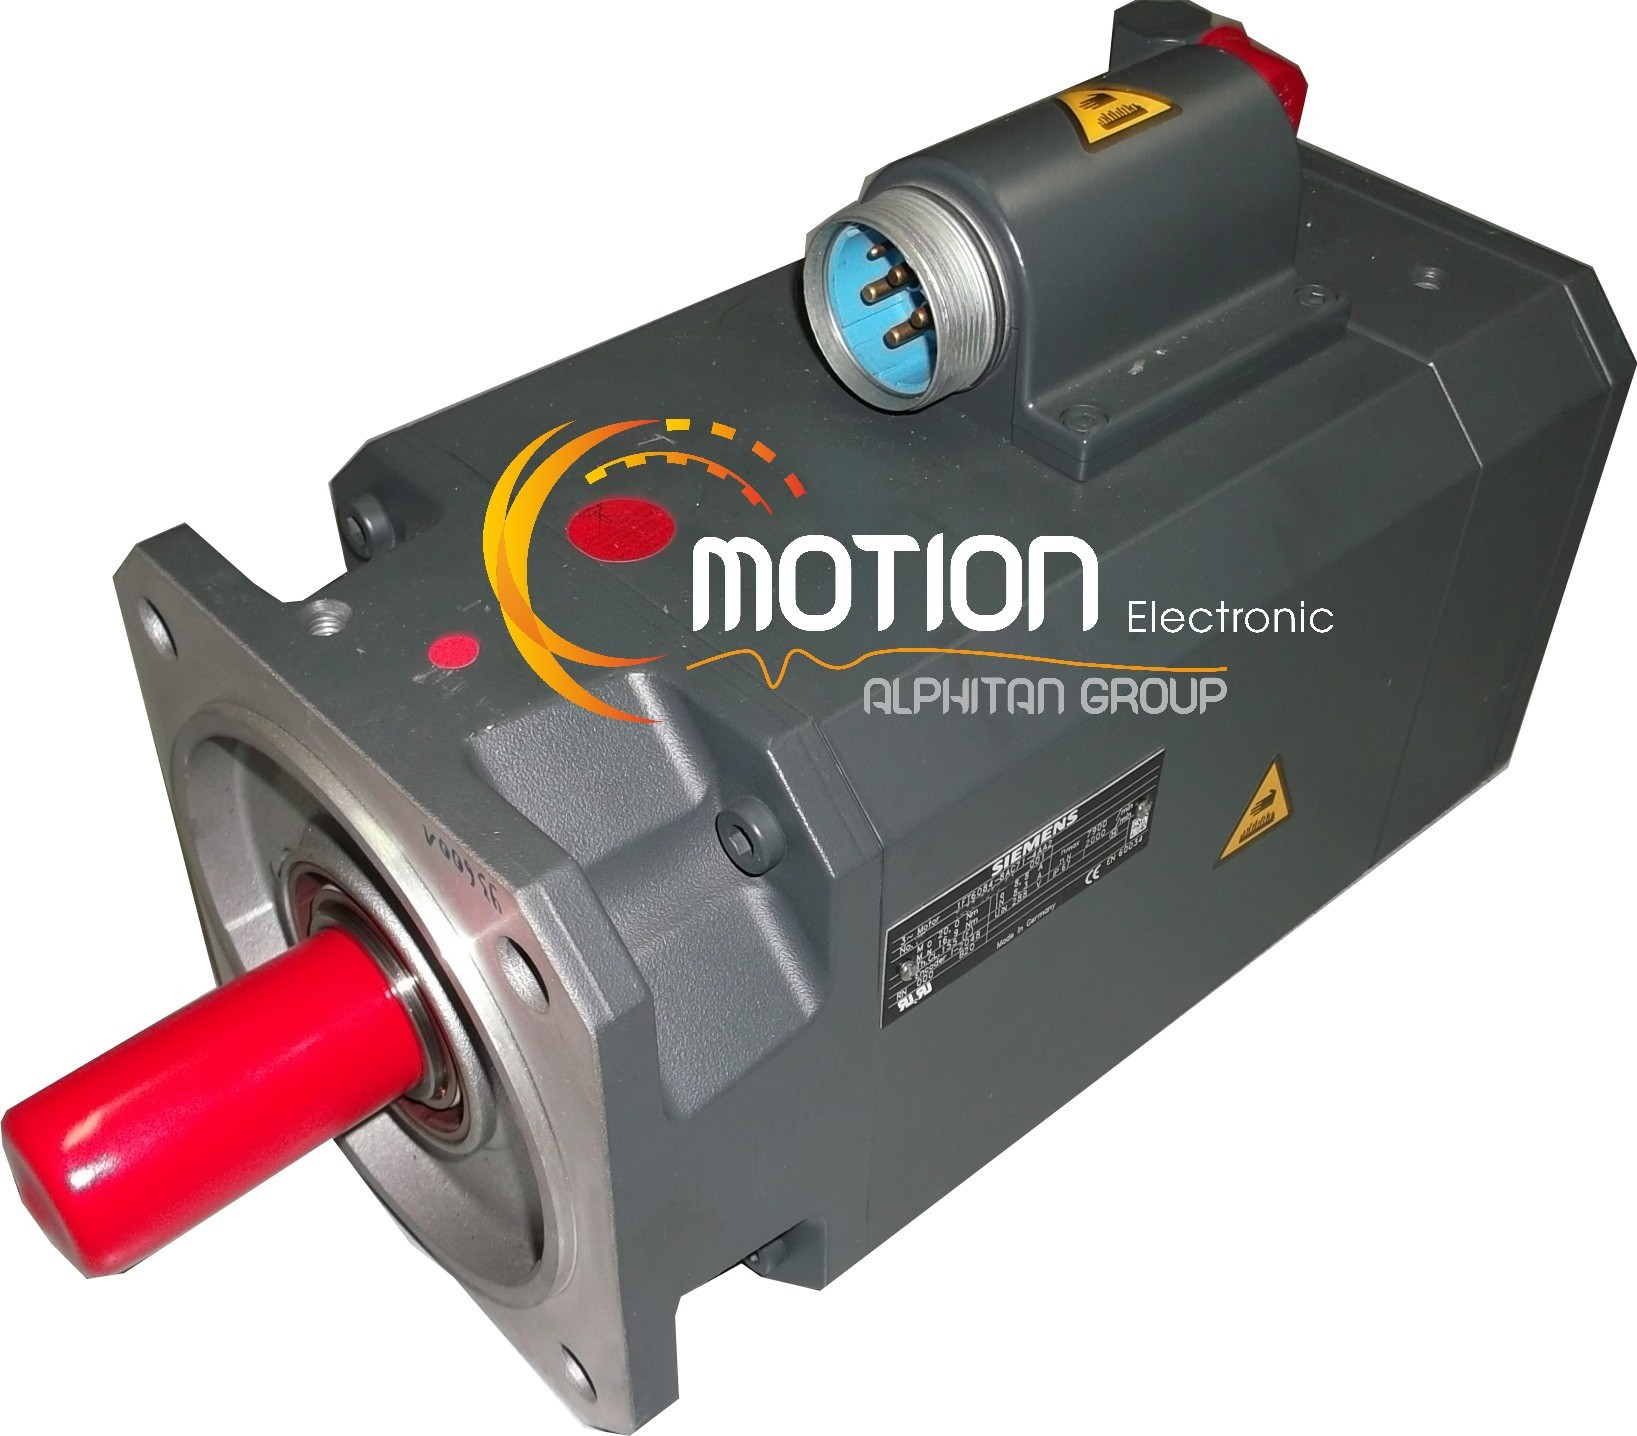 Siemens 1ft6084 1af71 1ah1 motor for Siemens electric motors catalog